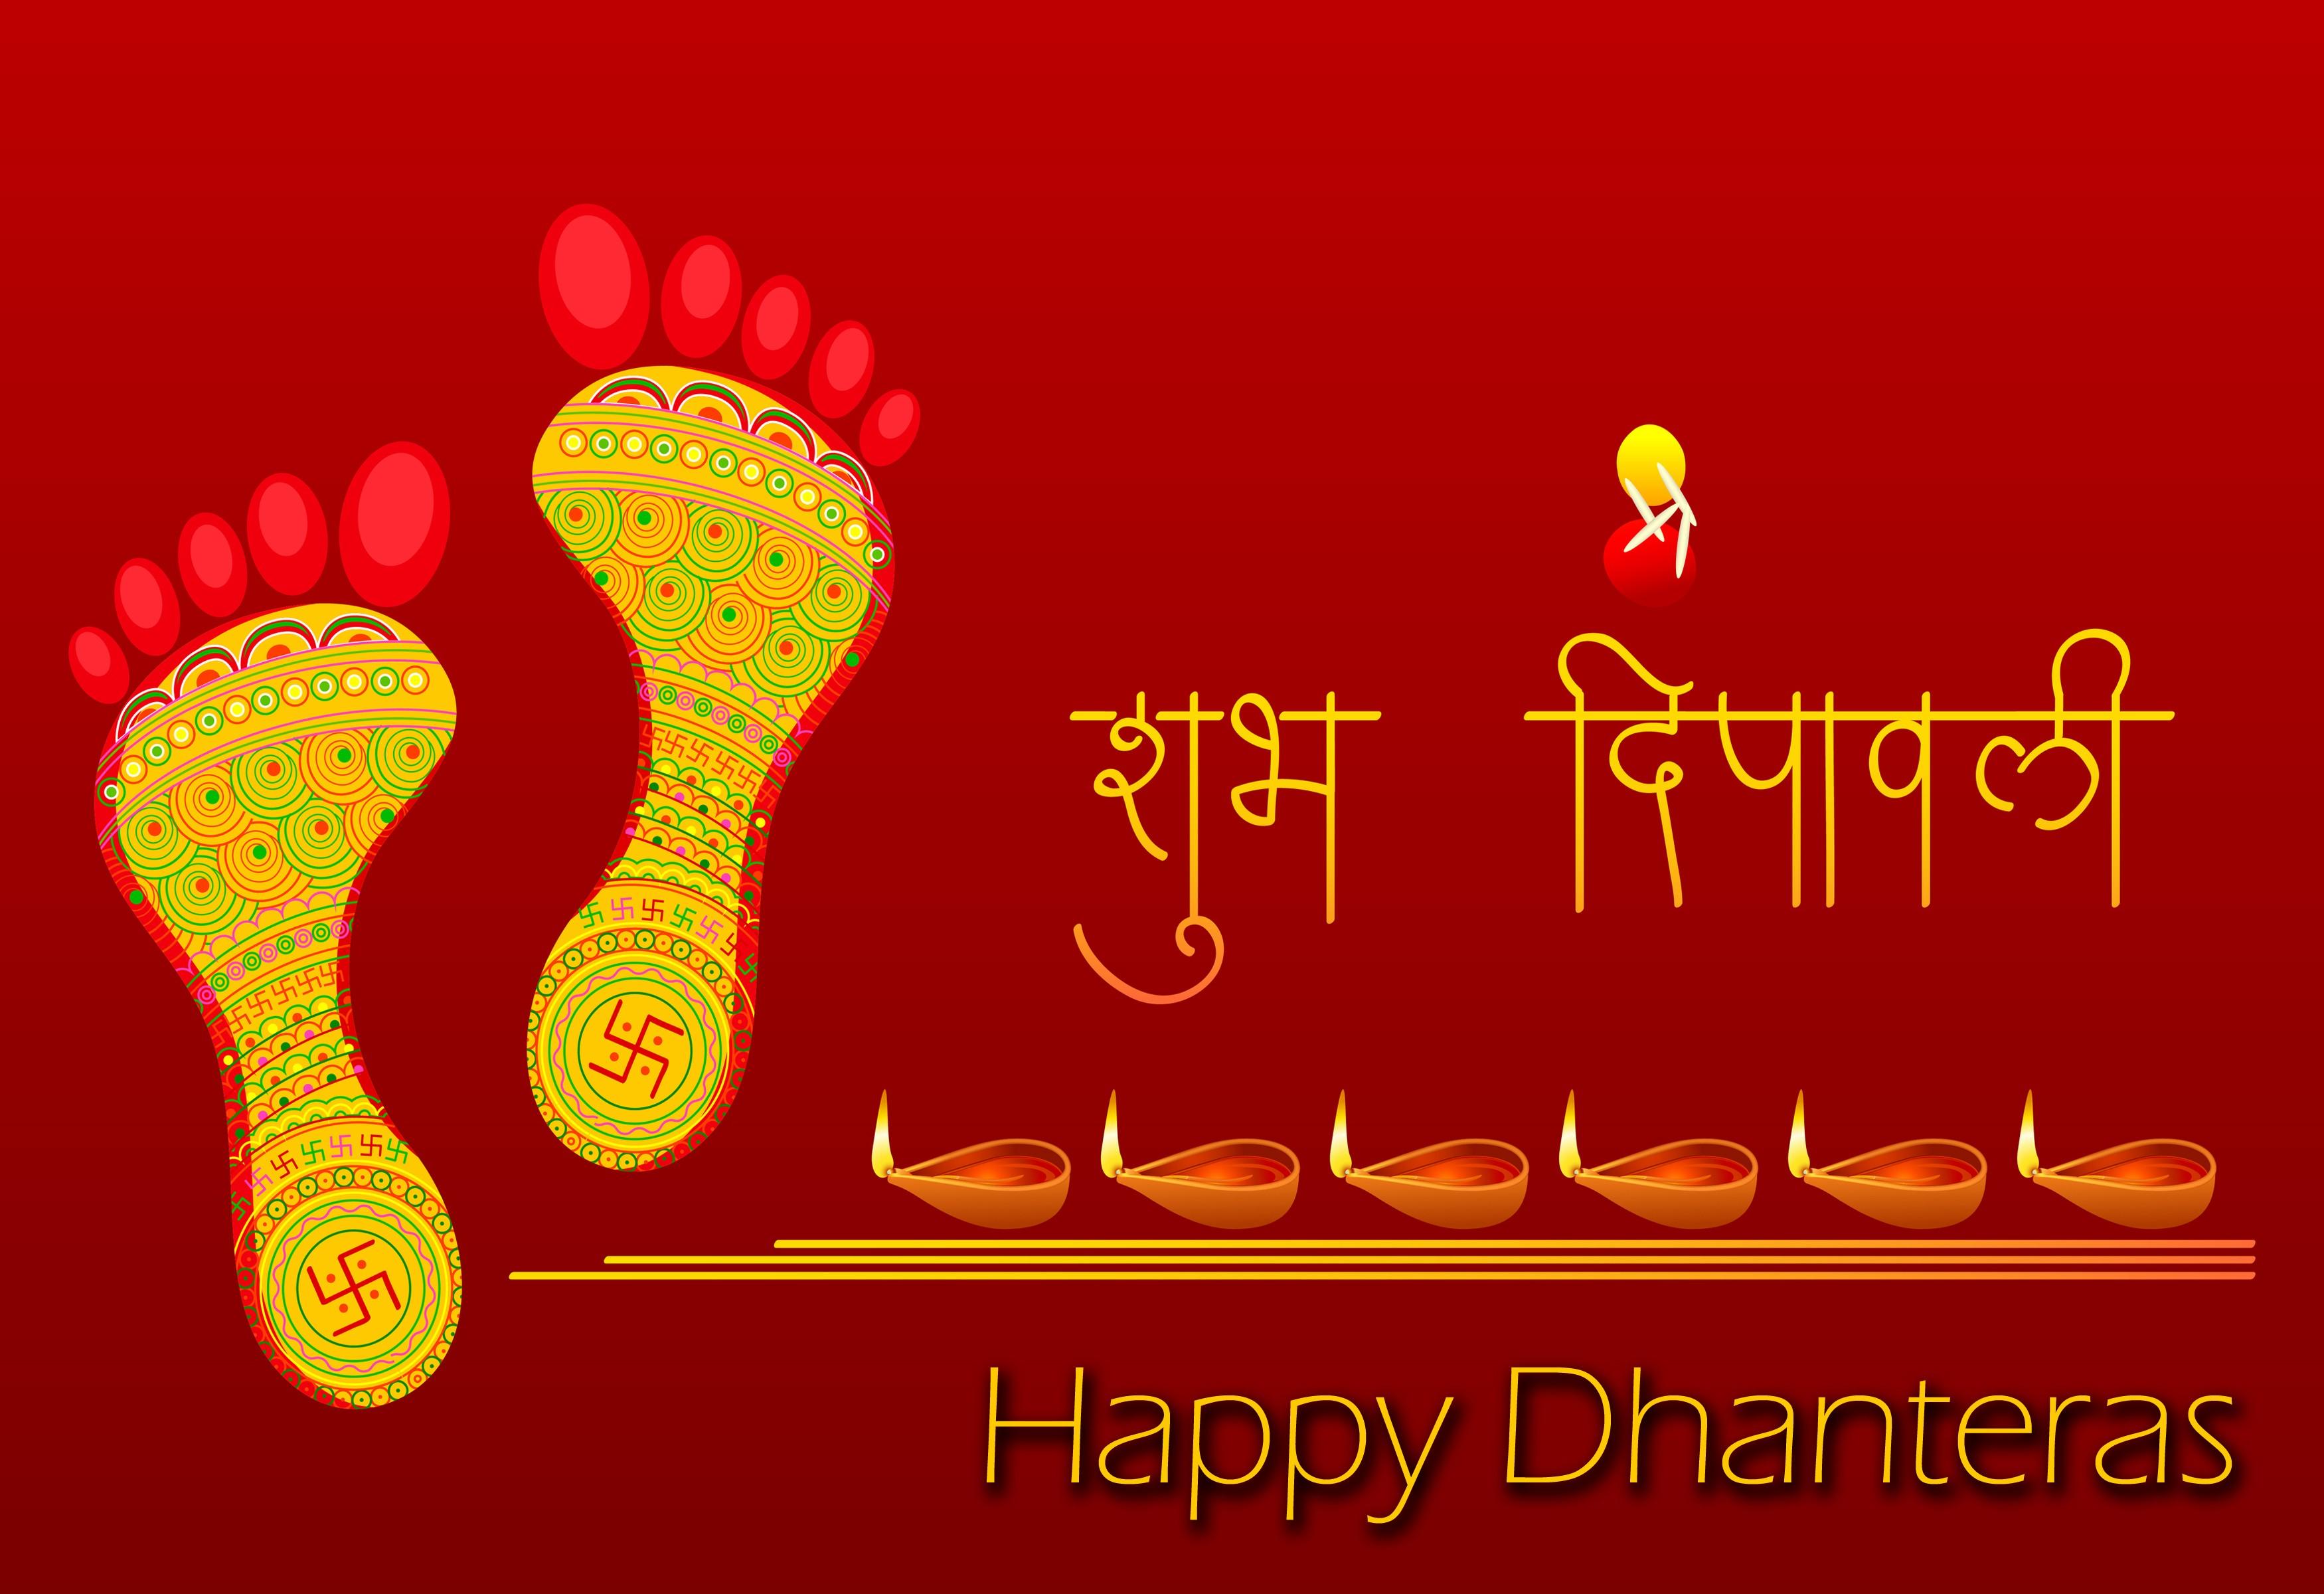 Happy Dhanteras HD Wallpaper 2015 3500x2400